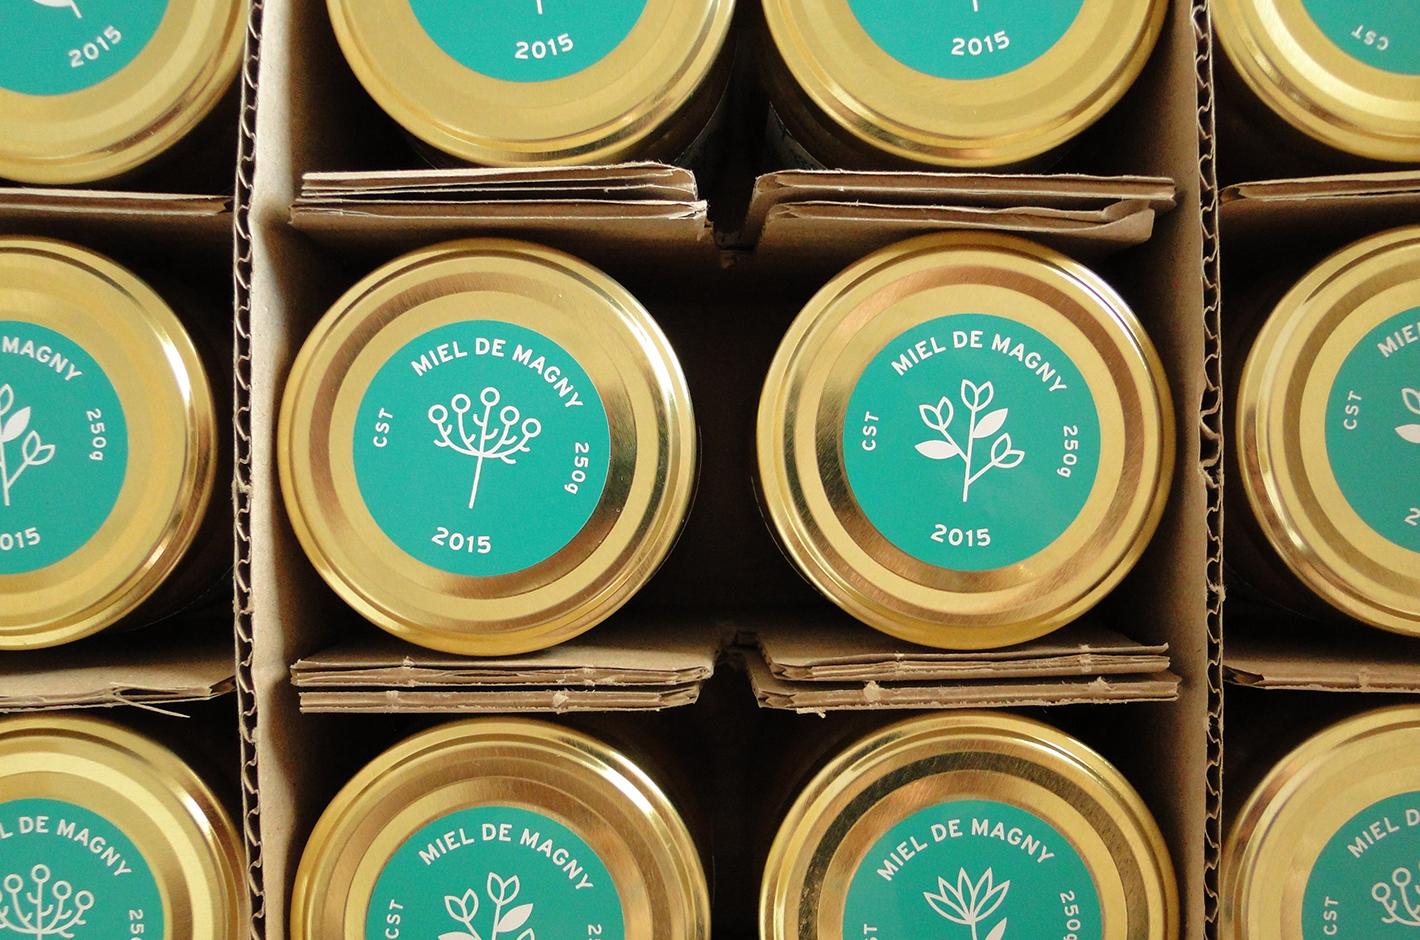 Étiquette miel - Magny les Hameaux - Colas - 2015